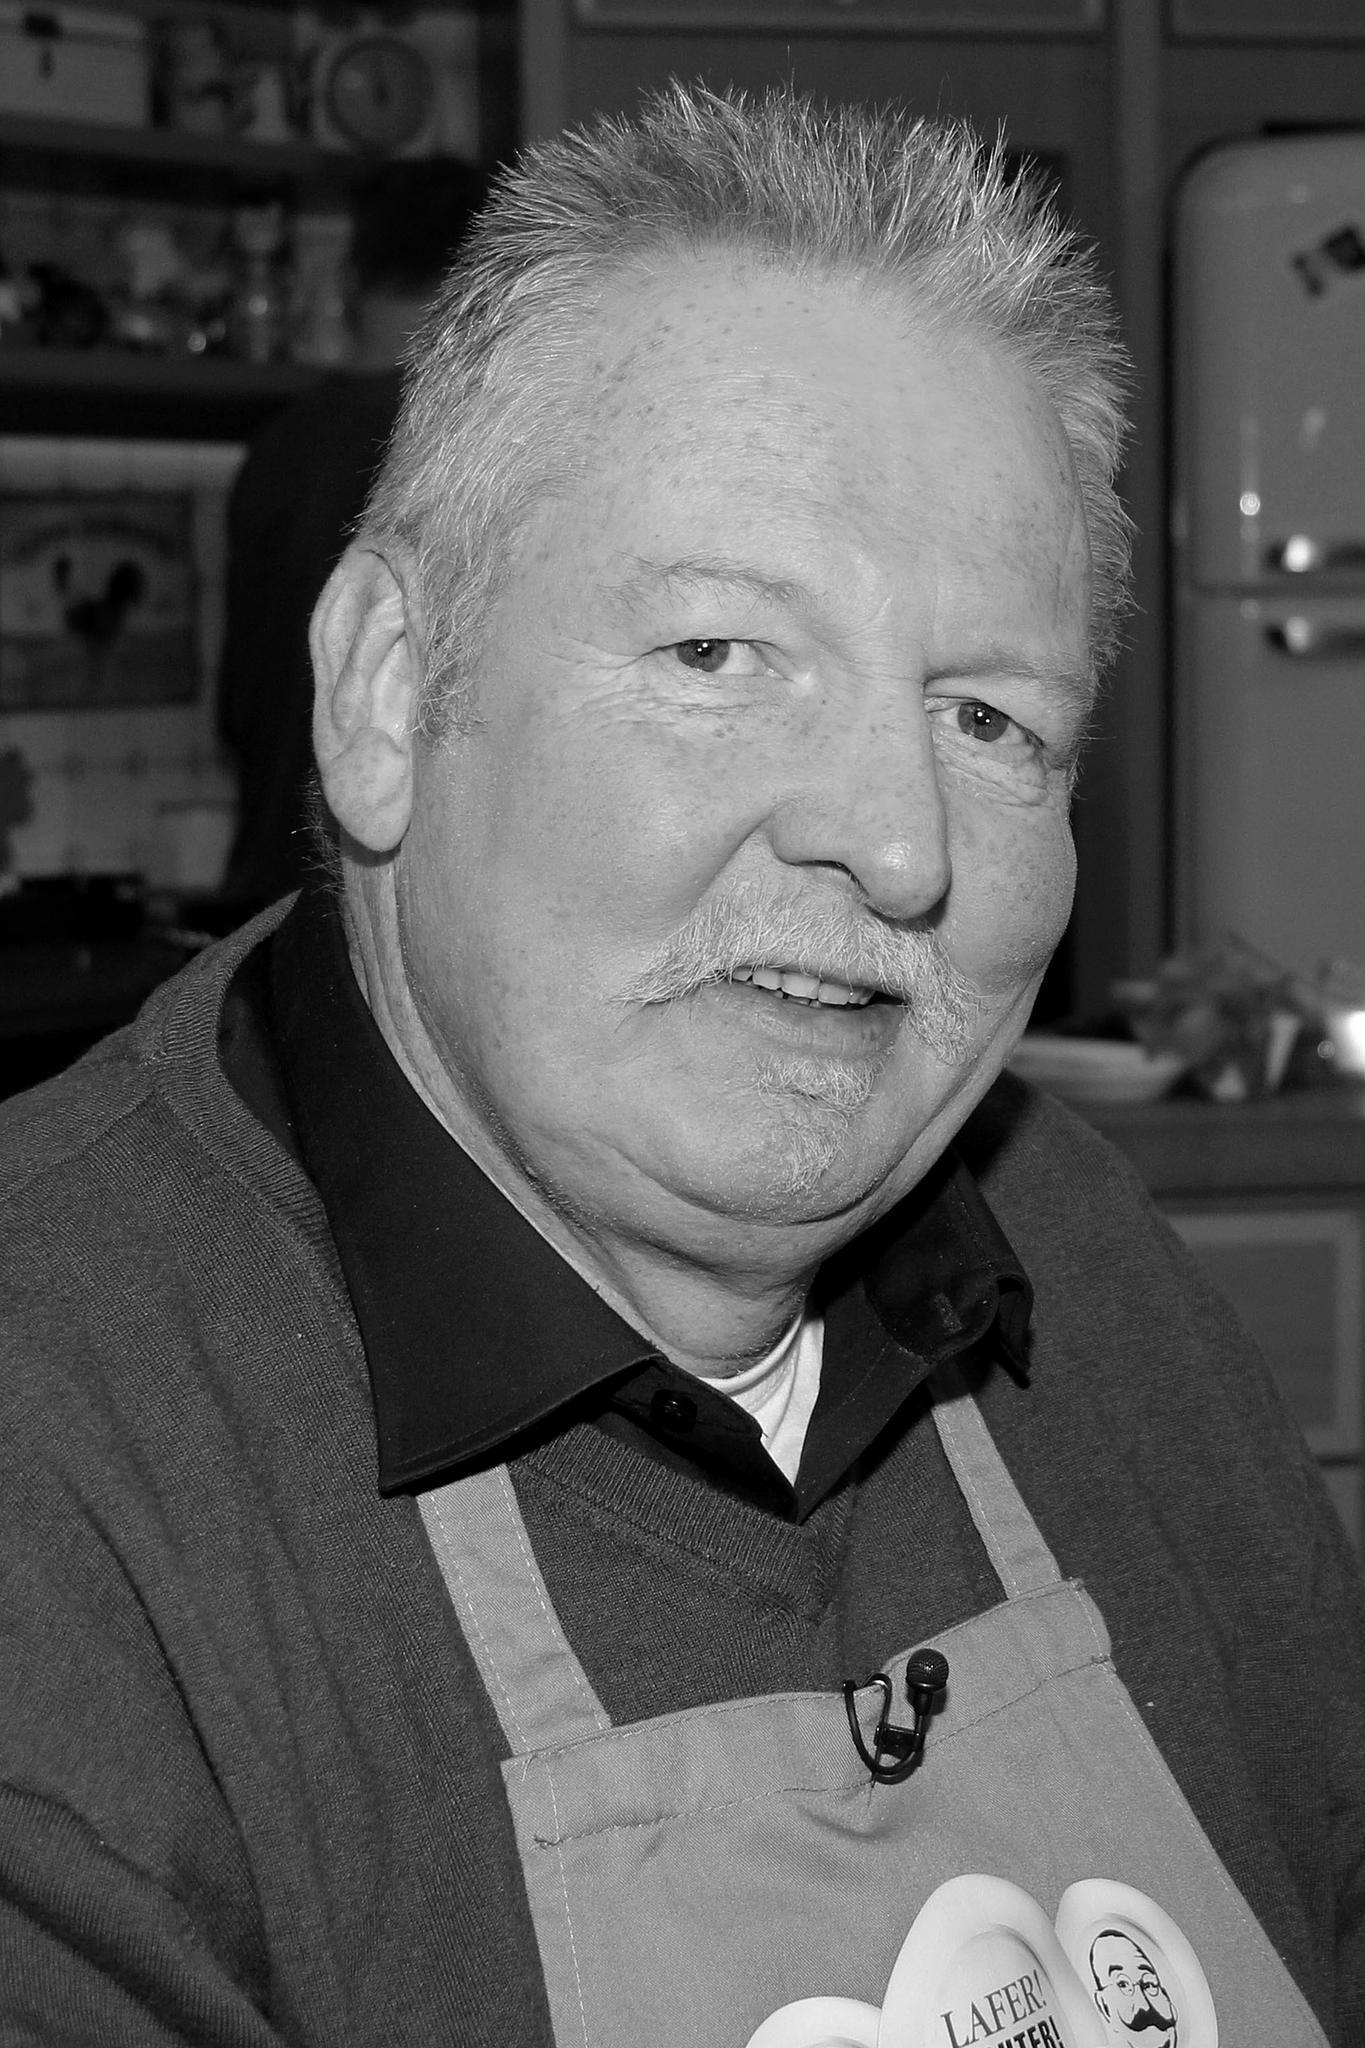 Tamer Hanken